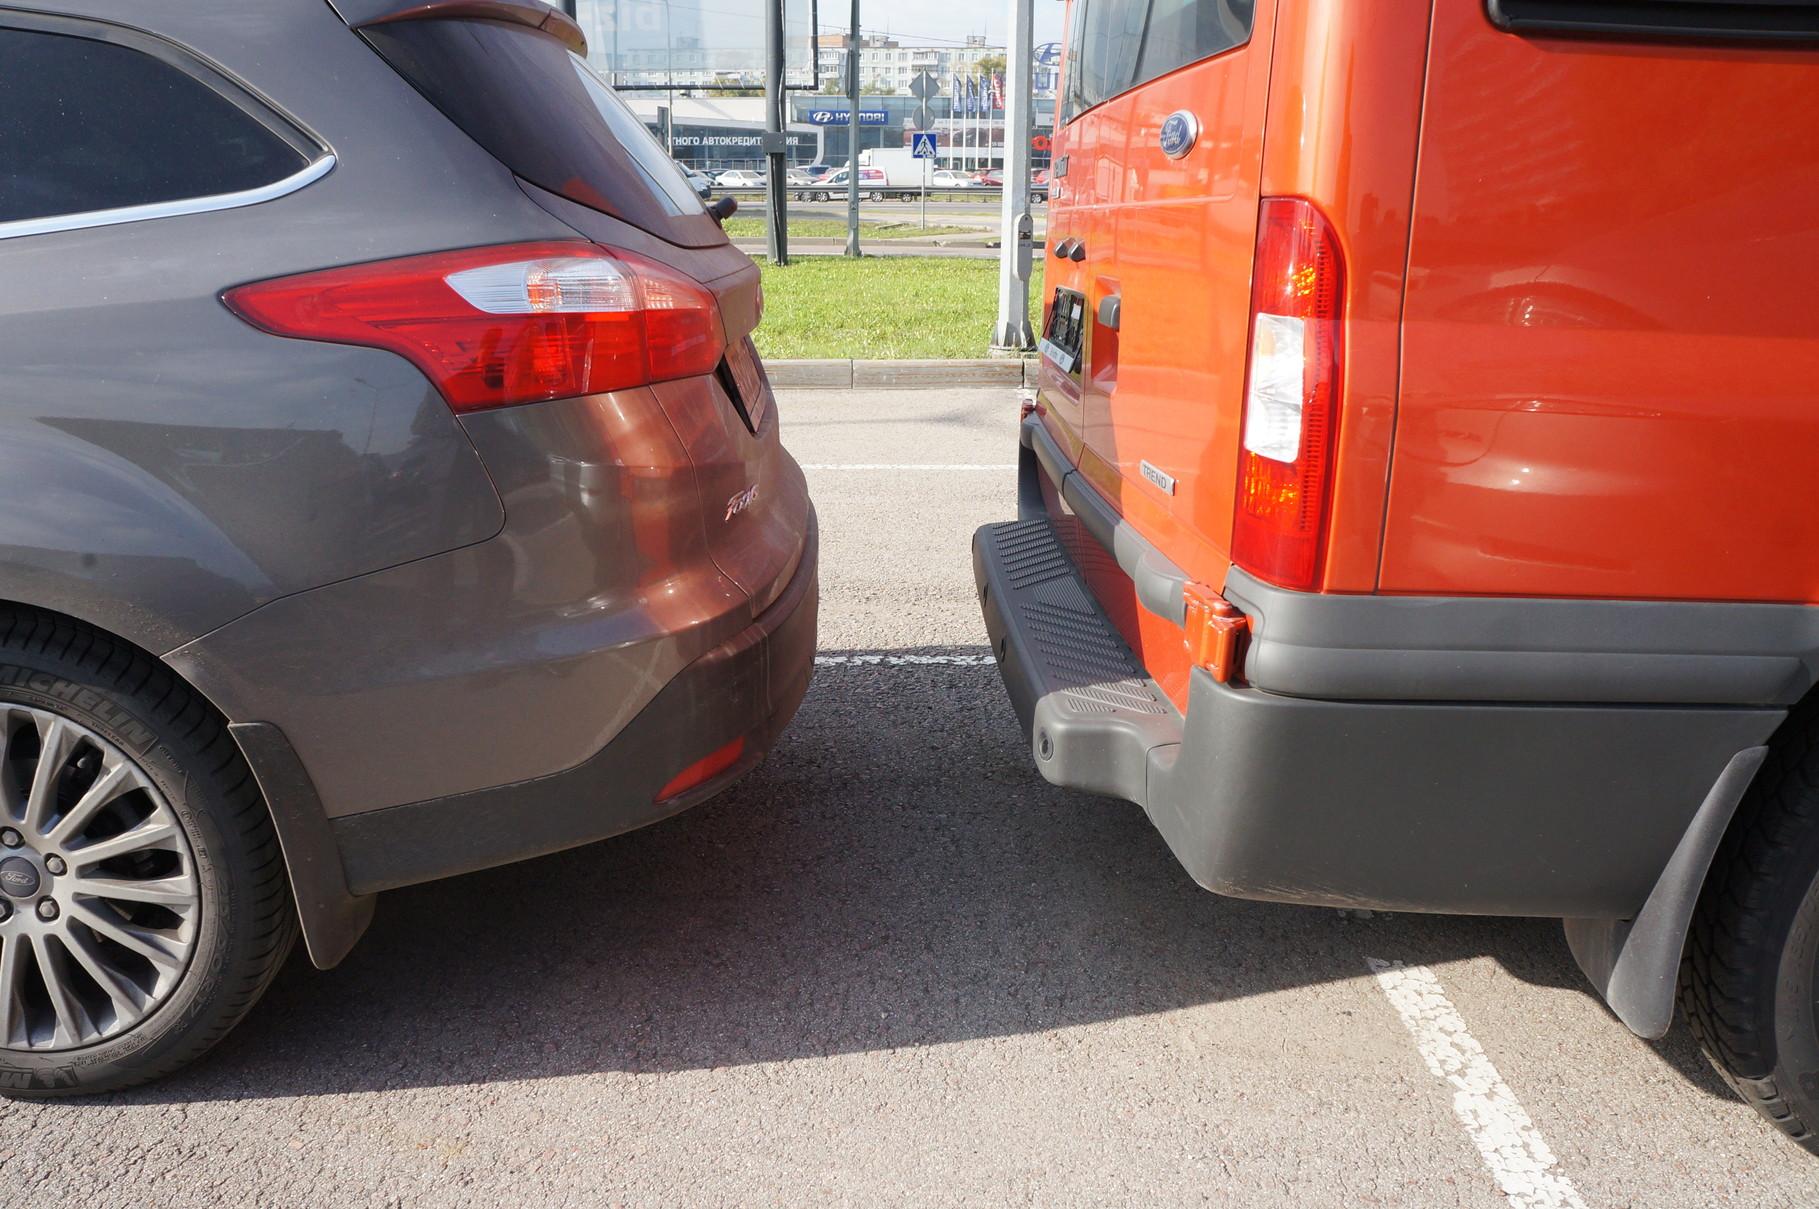 Впрочем, наличие парктроника полностью нивелирует вопрос чистоты кормового стекла